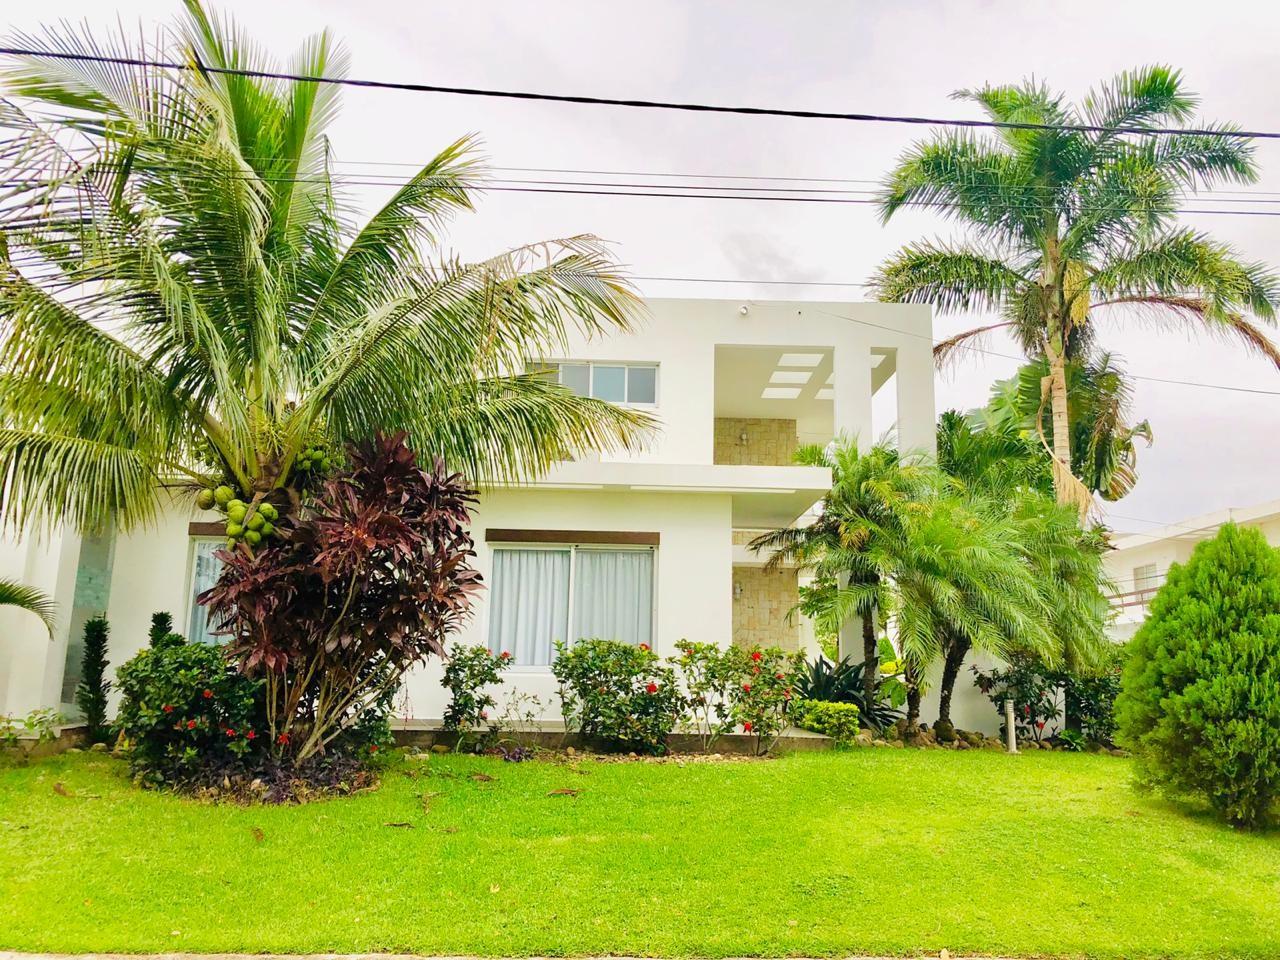 Casa en Alquiler Zona Urubo - Condominio Jardines del Urubo - lado de Restaurante Casa del Camba - a 1 minuto del Puente principal. Foto 2